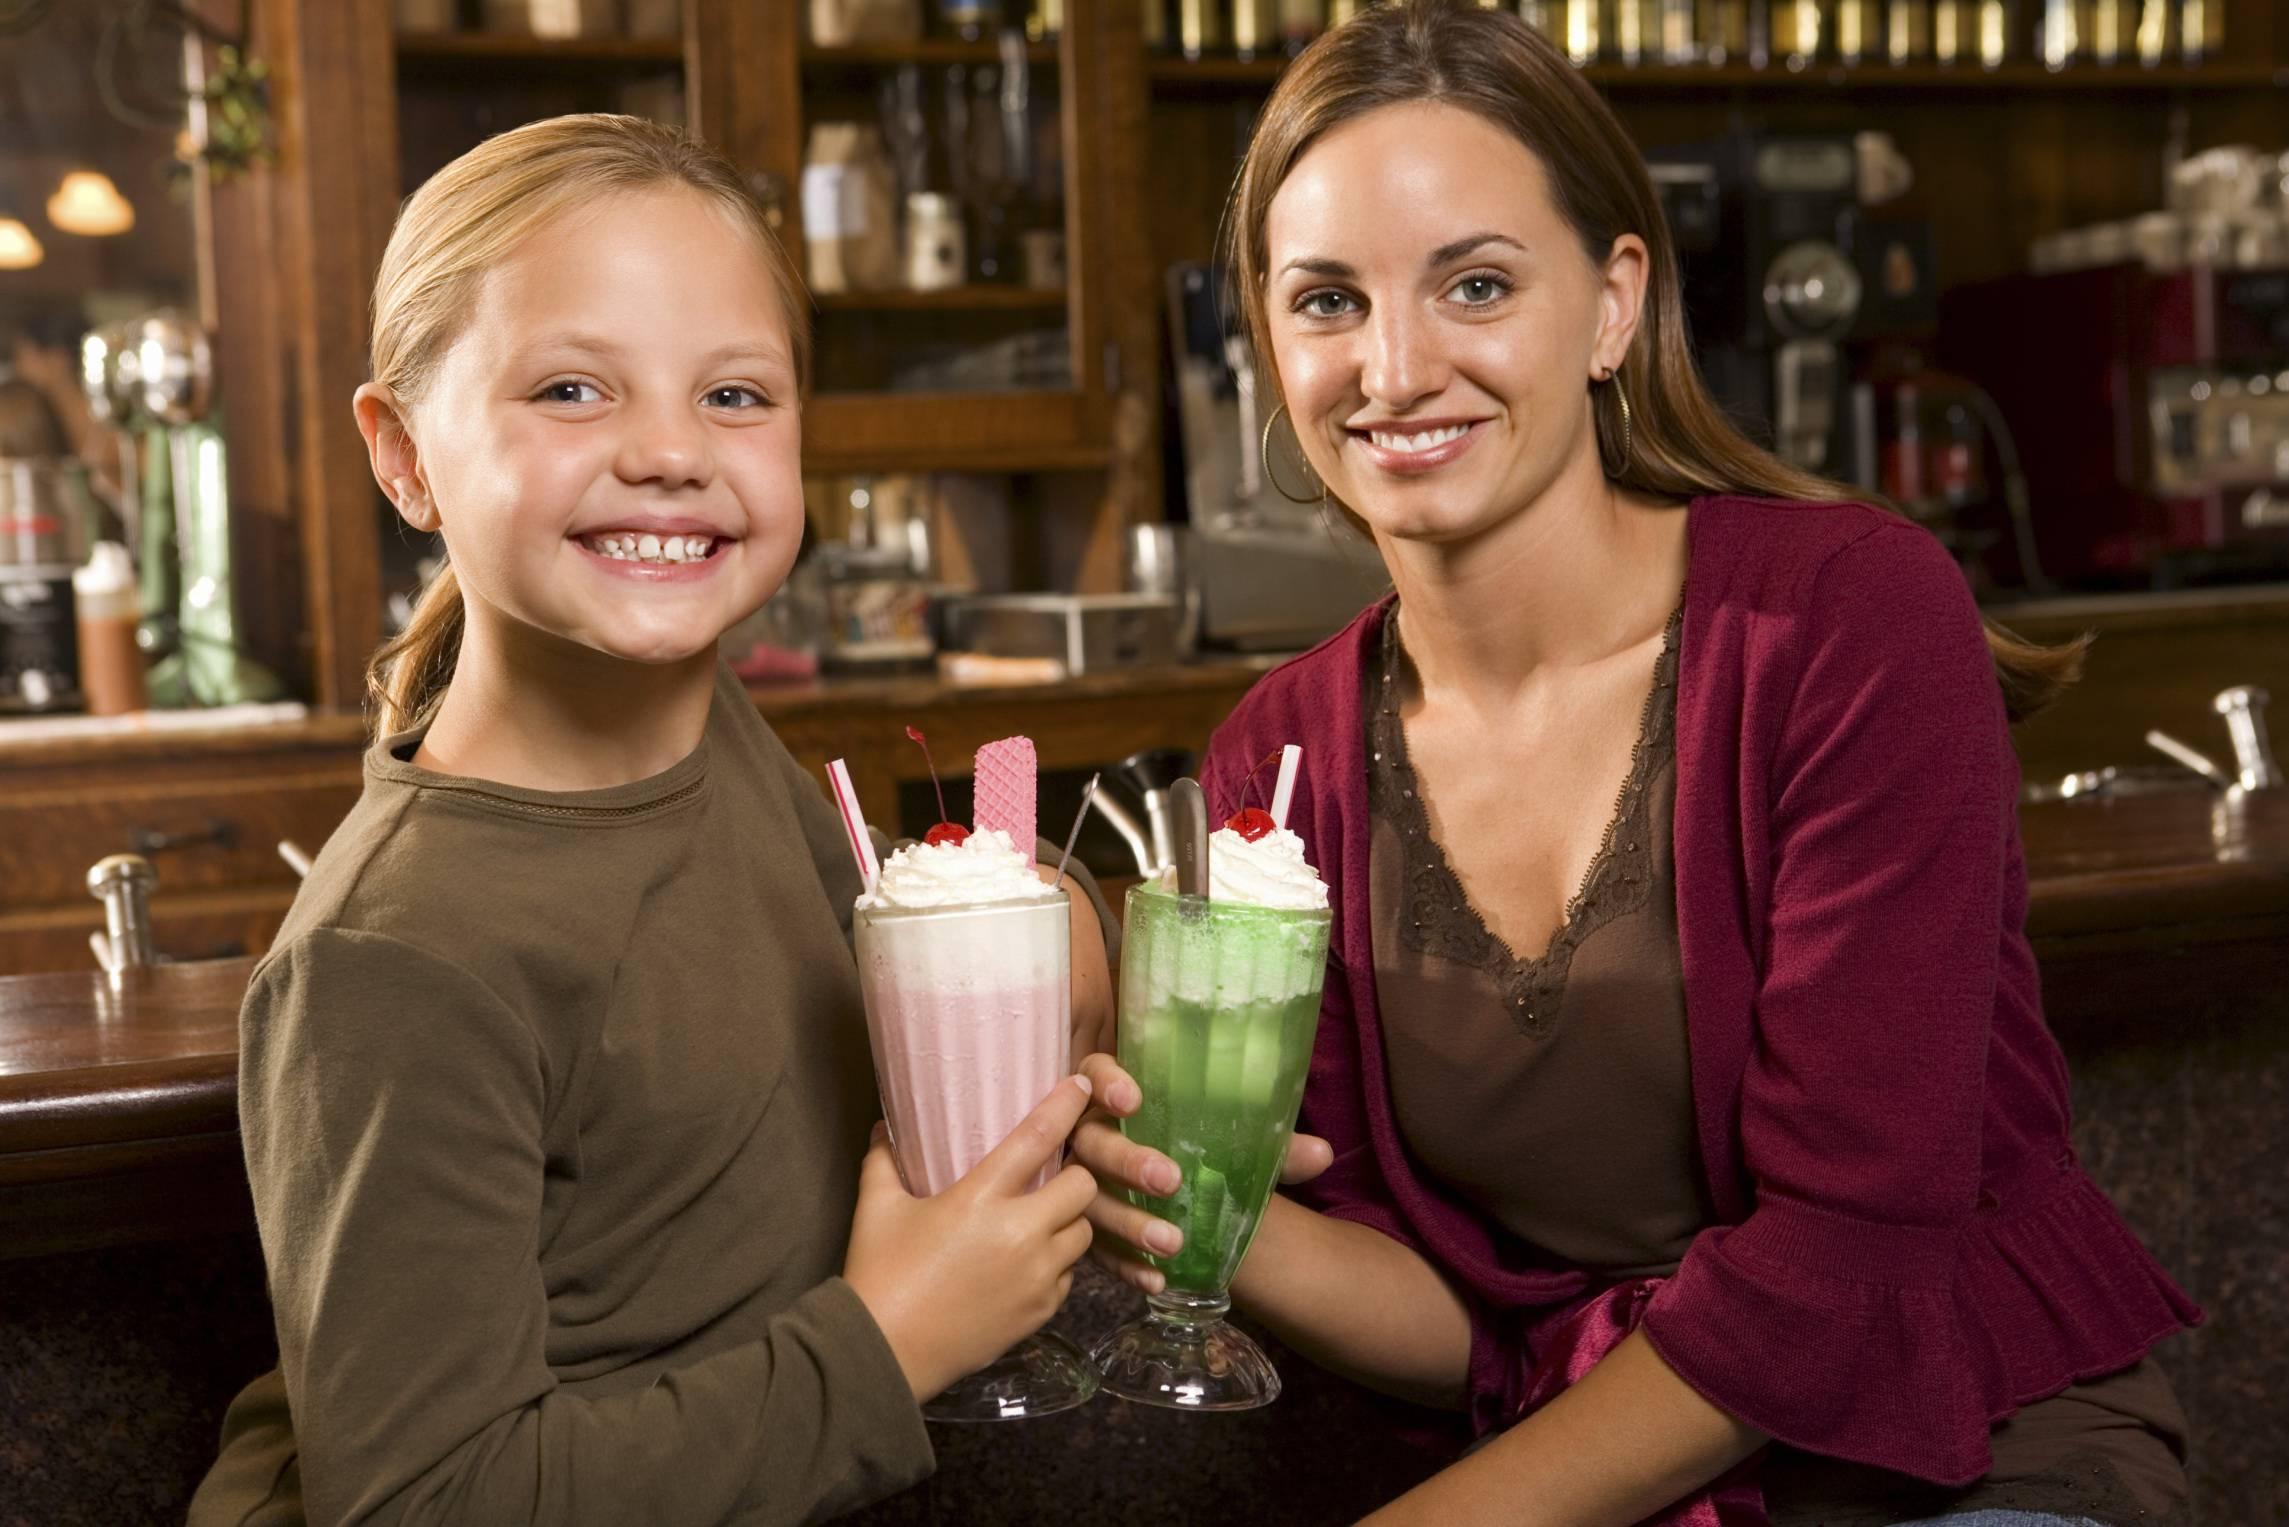 Mamma e figla bevono un frullato